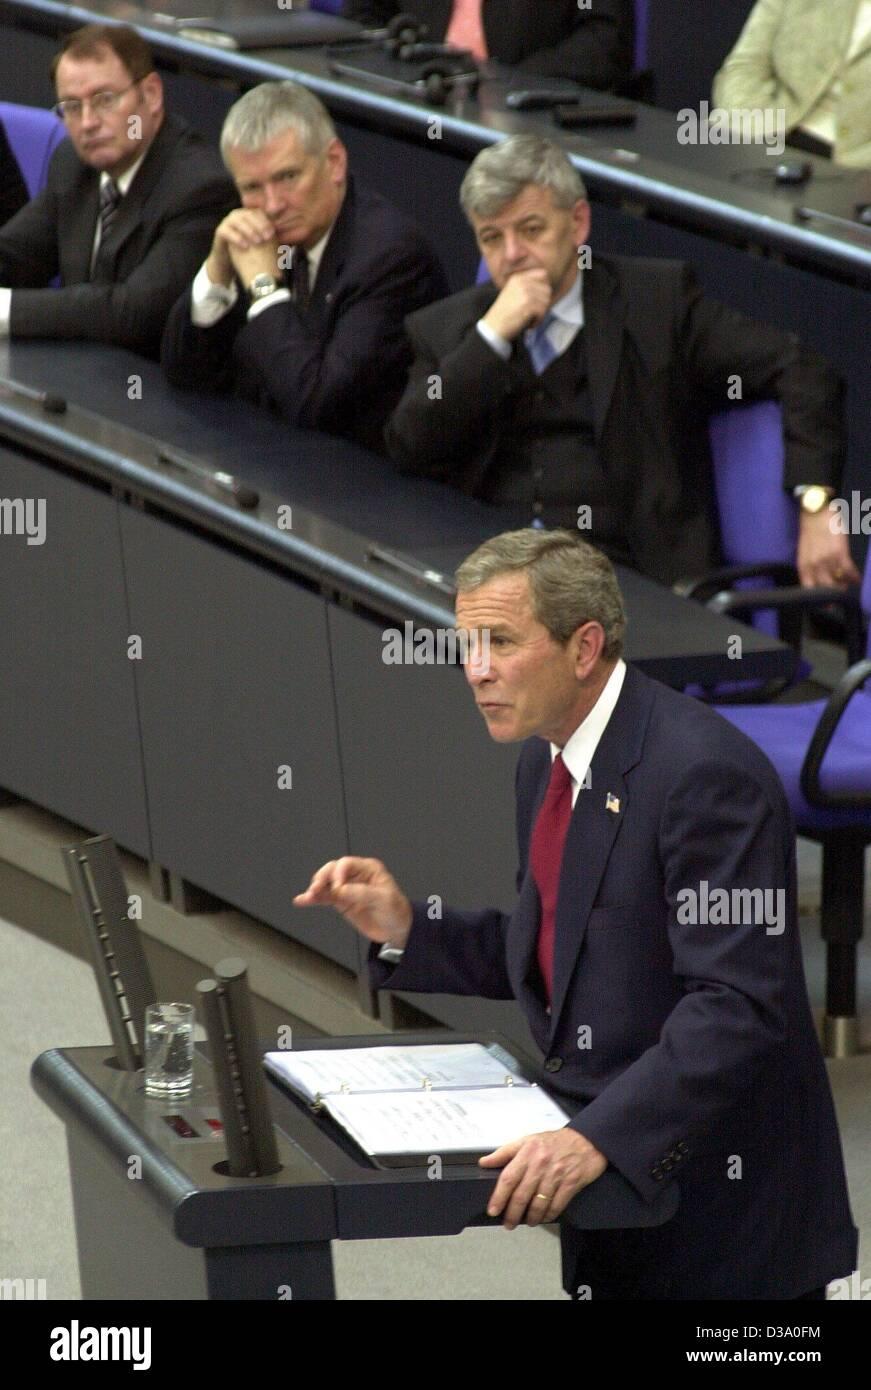 """(Dpa) - Il presidente statunitense George W. Bush offre il suo discorso in Parlamento tedesco, il Bundestag a Berlino, mentre il Ministro degli esteri tedesco Fischer (2a da R) e il Ministro degli interni Schily (3a da R) sono in ascolto, 23 maggio 2002. Egli ha auspicato un aspetto europeo contro il """"nemici della libera Foto Stock"""